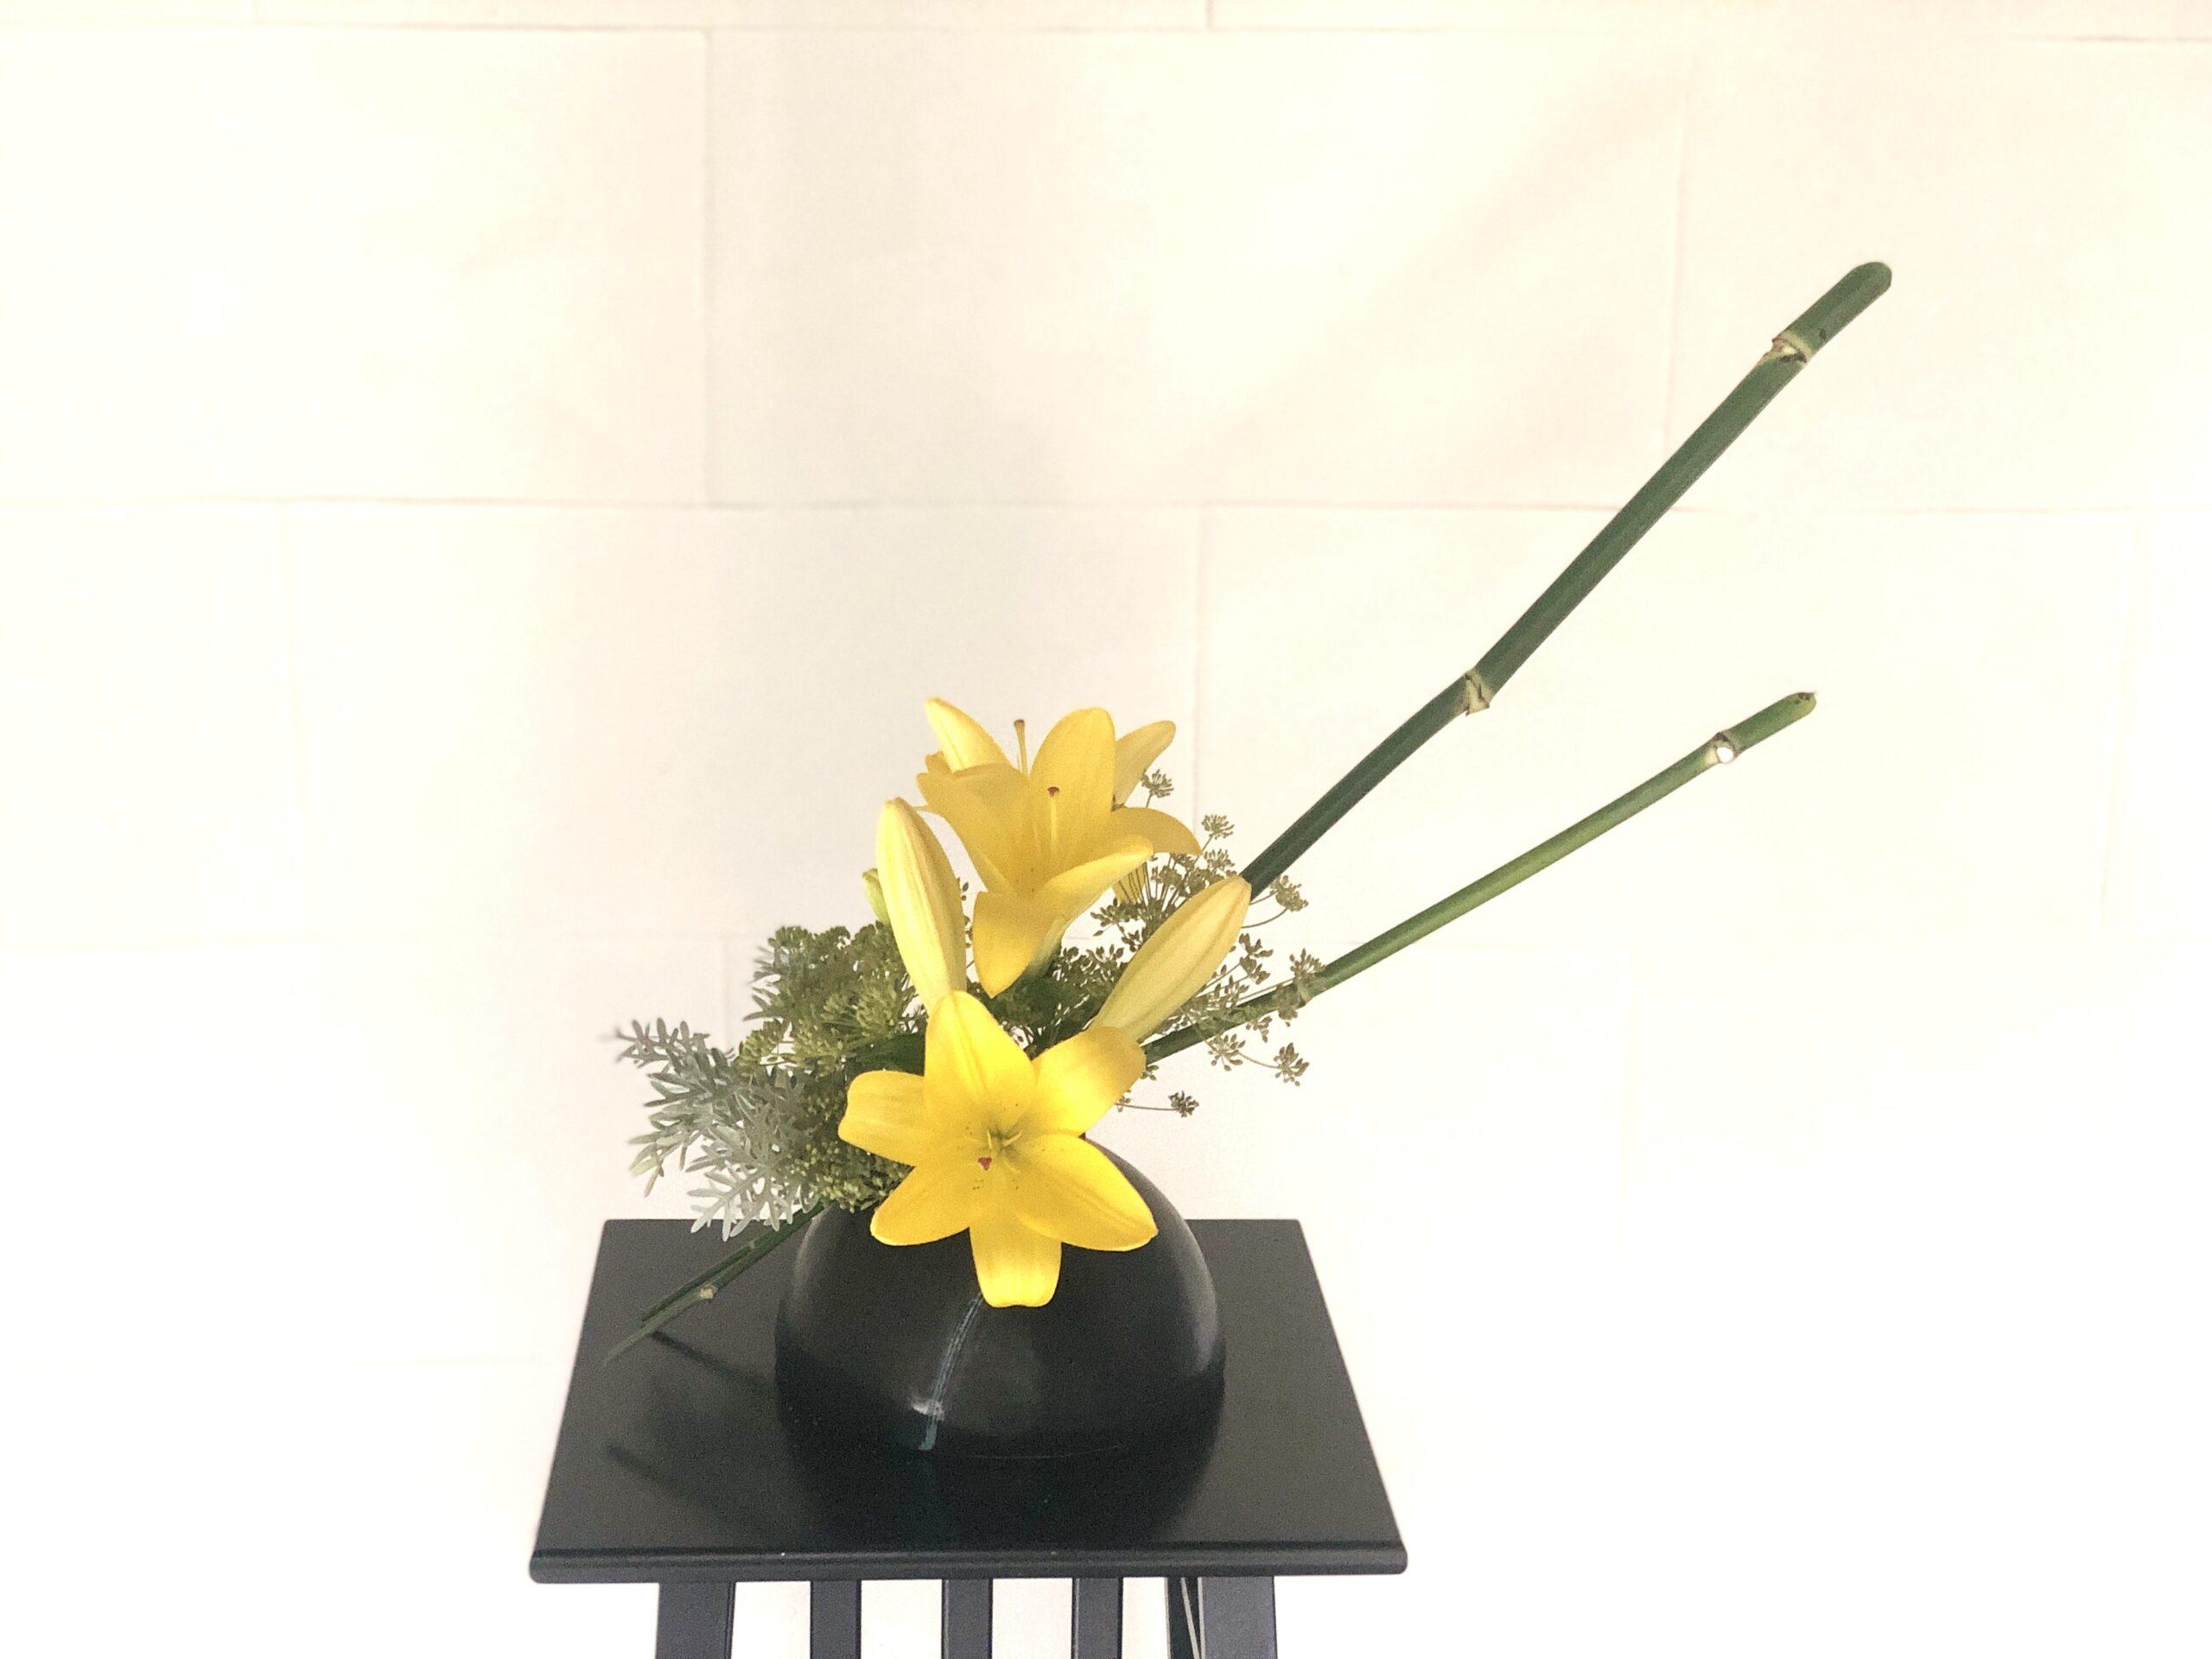 ウイキョウの生け花 茎とお花を別々に活ける